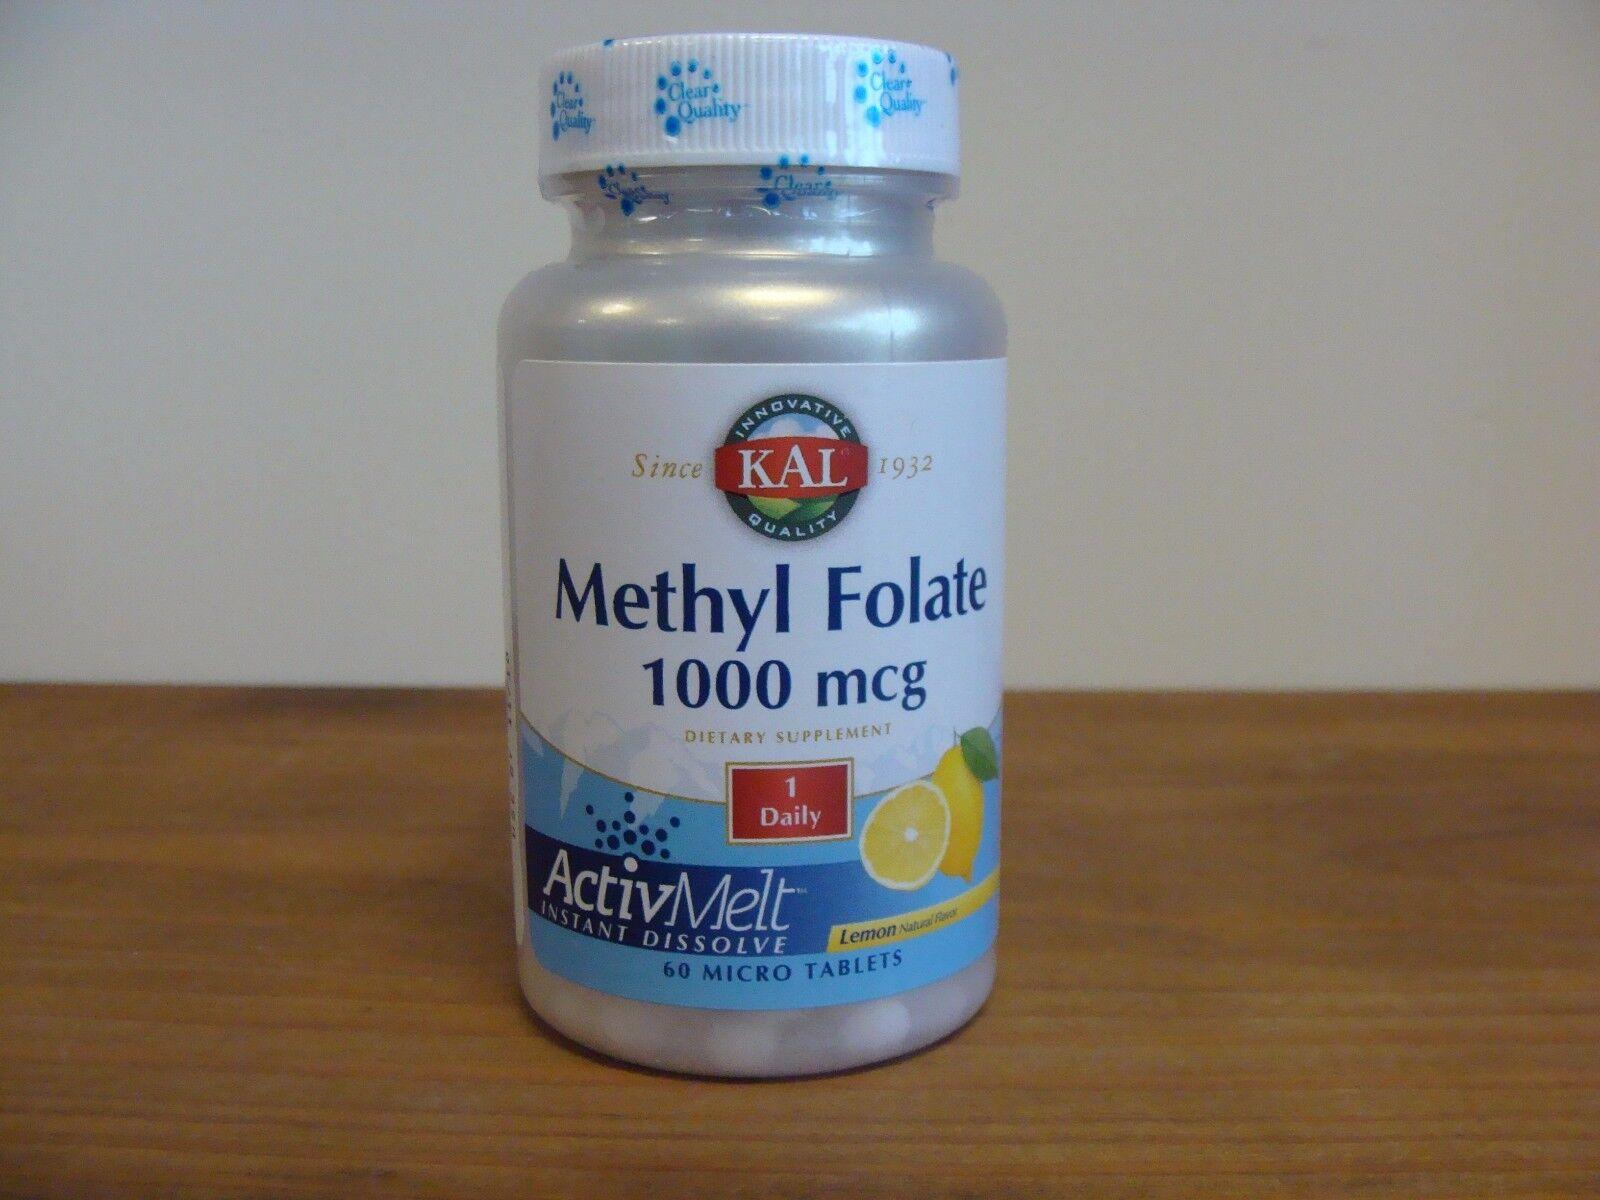 Methyl Folate 1000 mcg  KAL 60 Micro Tablets 11/2018